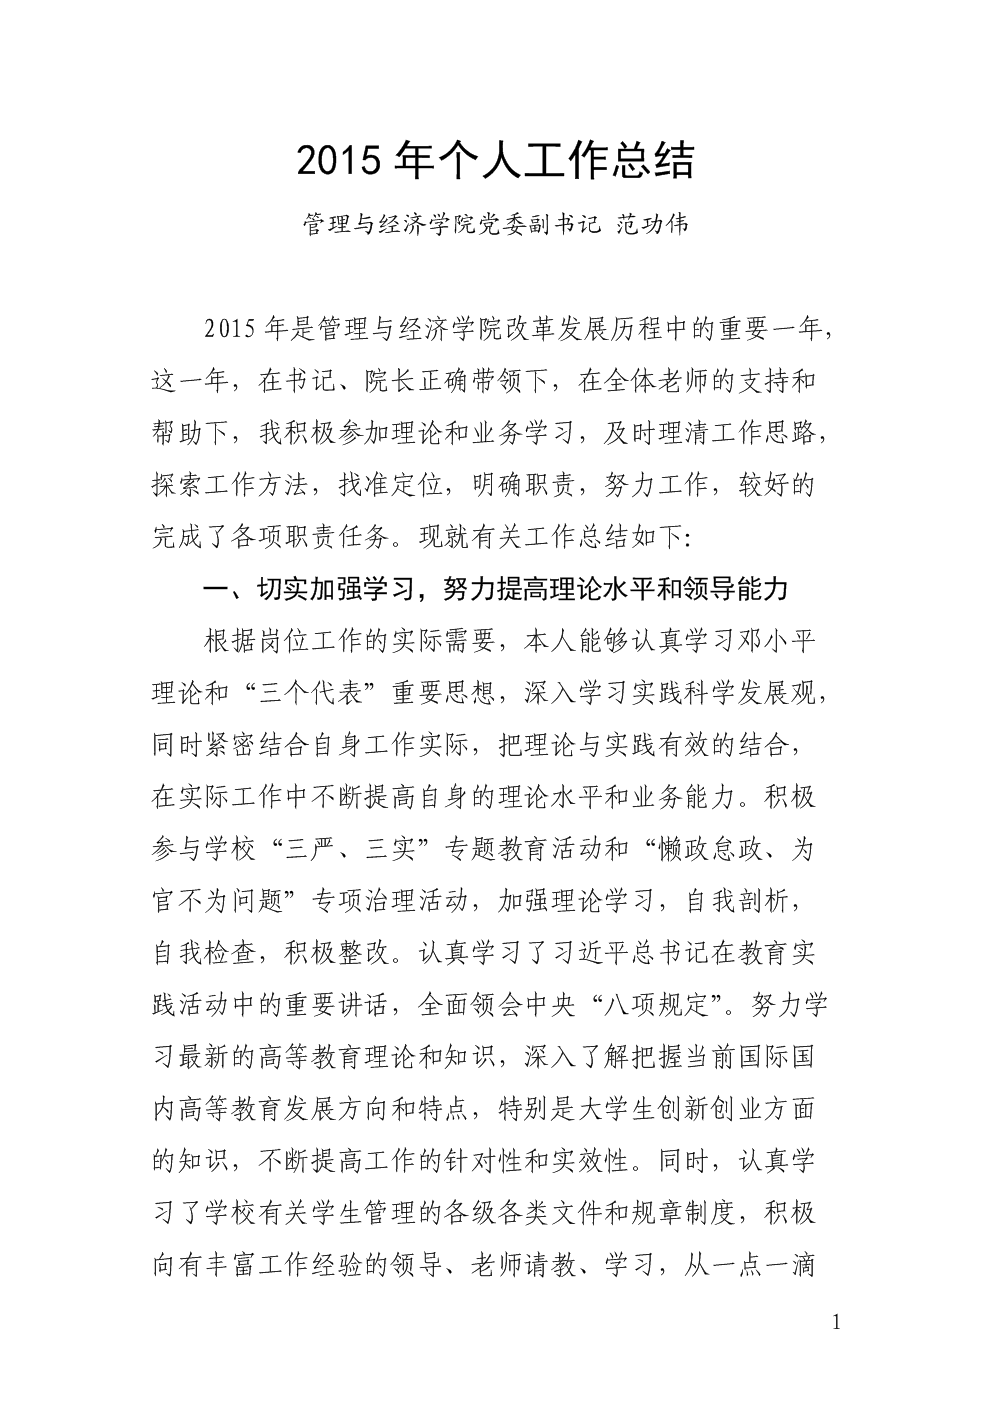 2015年个人工作总结.doc